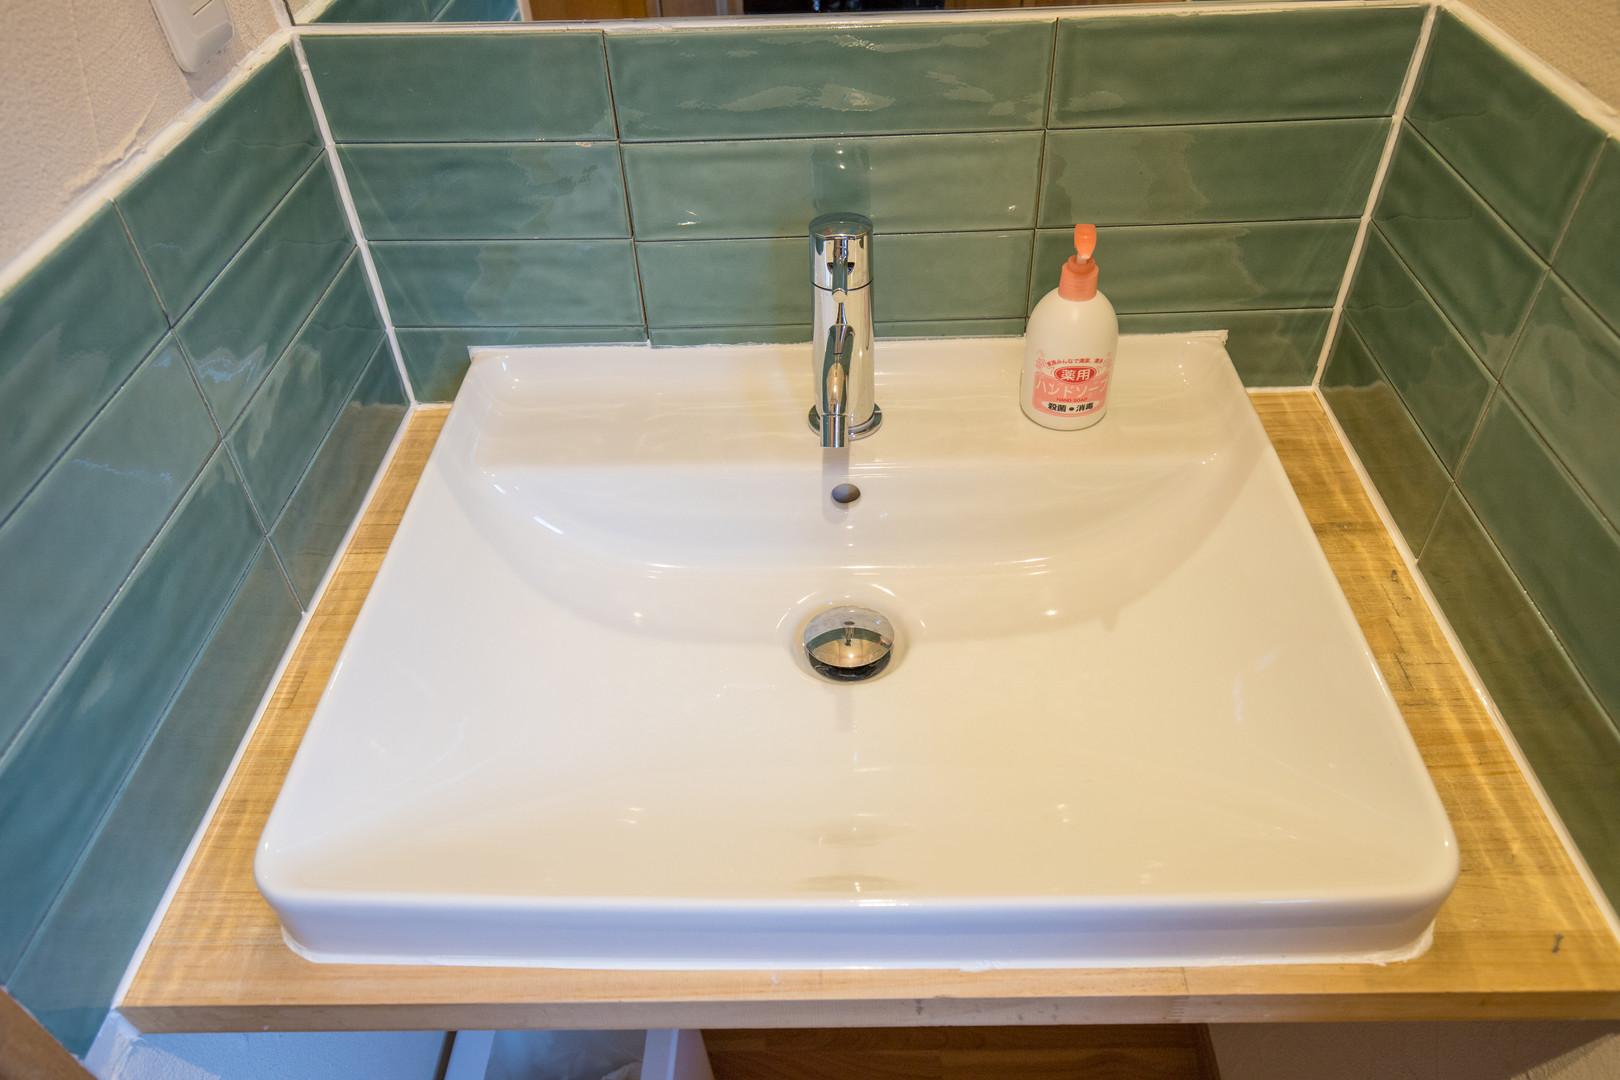 1Fの共用洗面台